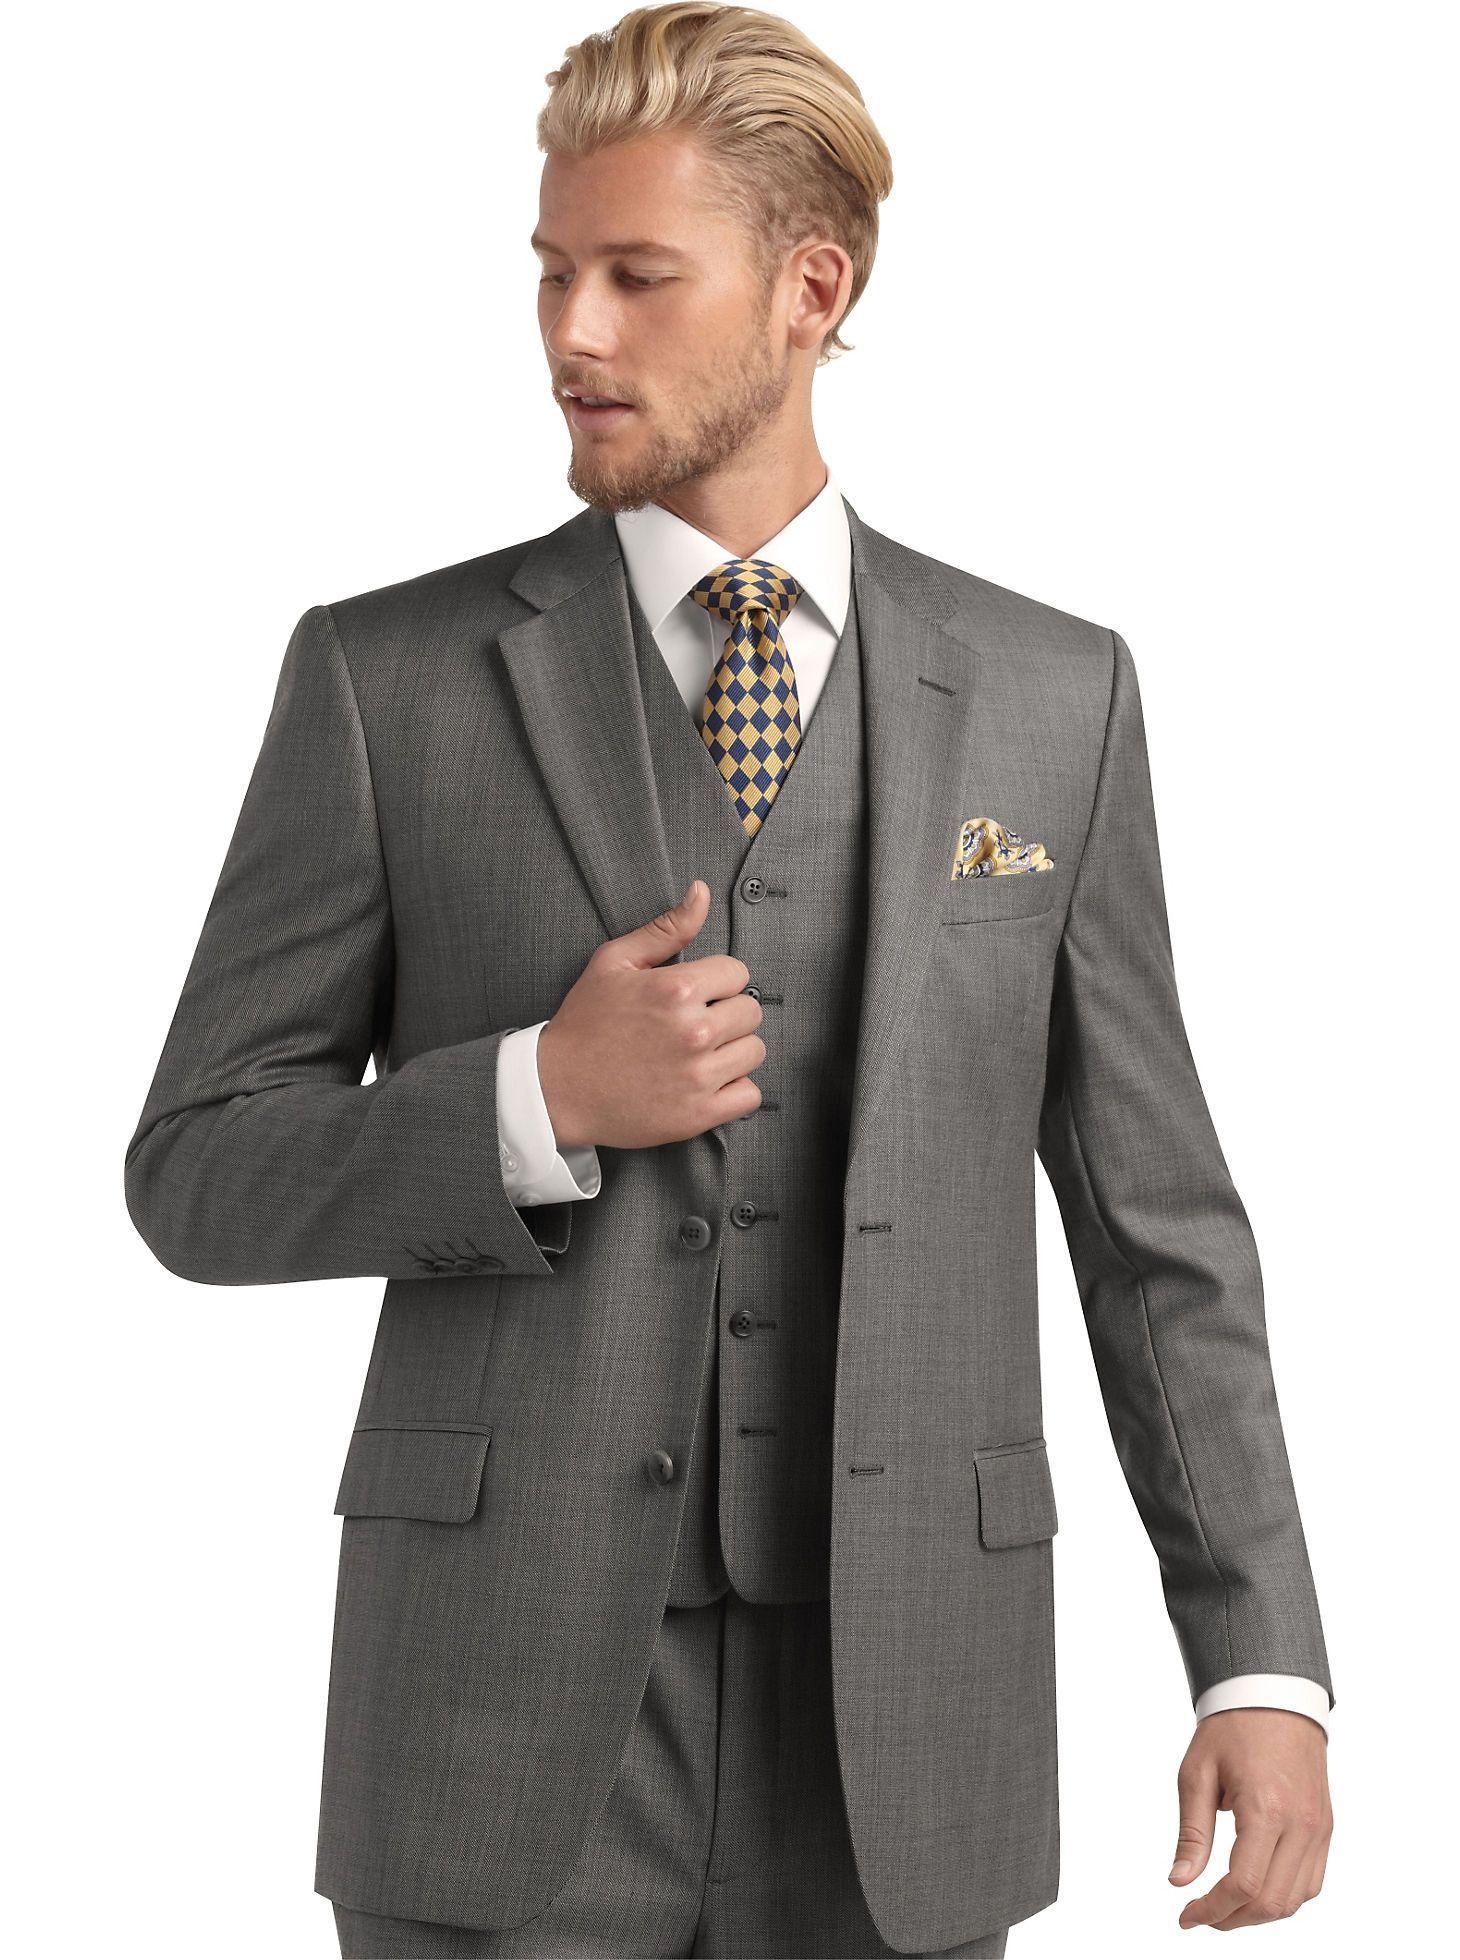 New BOGO 100 - Joseph & Feiss Gold Sharkskin Vested Suit ...